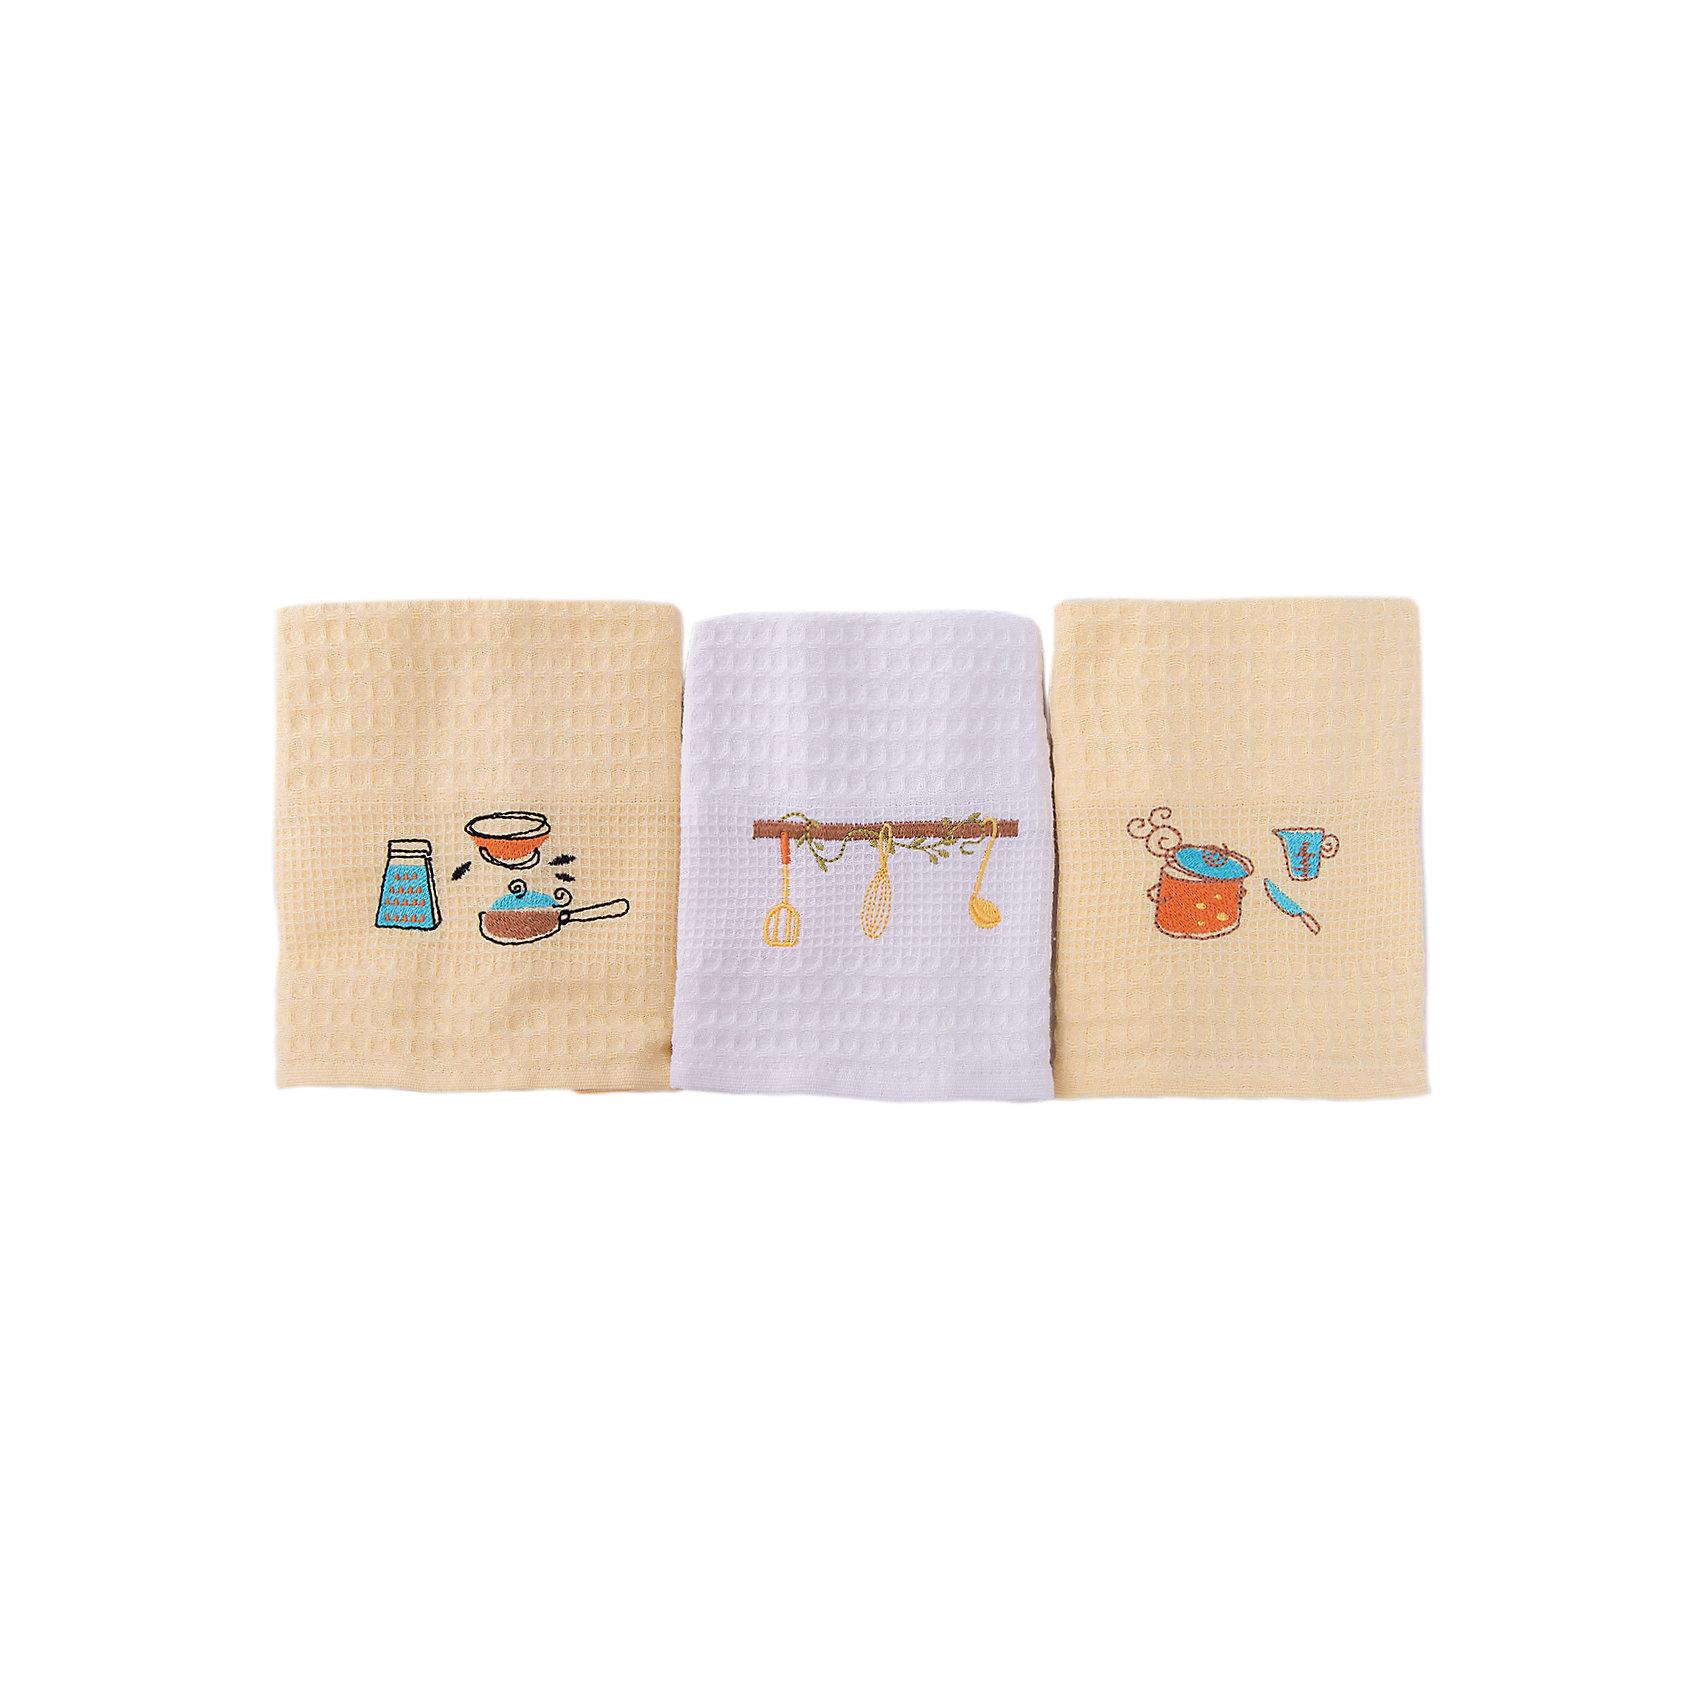 Набор кухонных полотенец 40*60, 3шт., TAC, посудаВанная комната<br>Характеристики:<br><br>• Вид домашнего текстиля: кухонное полотенце<br>• Размеры полотенца: 40*60 см<br>• Рисунок: посуда<br>• Декор: вышивка<br>• Материал: хлопок, 100% <br>• Цвет: белый, желтый<br>• Плотность полотна: 350 гр/м2 <br>• Комплектация: 3 полотенца<br>• Вес: 300 г<br>• Размеры упаковки (Д*Ш*В): 21*5*19 см<br>• Подарочная упаковка<br>• Особенности ухода: машинная стирка <br><br>Полотенца выполнены из натурального хлопка, что обеспечивает высокие впитывающие и износоустойчивые качества. Благодаря высокой степени плотности махры, изделия отлично впитывают влагу, легко отстирываются от пятен и не требуют глажки. В наборе одно полотенце белое, два – желтые, декорированы вышивкой. <br><br>Набор кухонных полотенец 40*60, 3шт., TAC, посуда можно купить в нашем интернет-магазине.<br><br>Ширина мм: 200<br>Глубина мм: 50<br>Высота мм: 180<br>Вес г: 600<br>Возраст от месяцев: 216<br>Возраст до месяцев: 1188<br>Пол: Унисекс<br>Возраст: Детский<br>SKU: 5476377